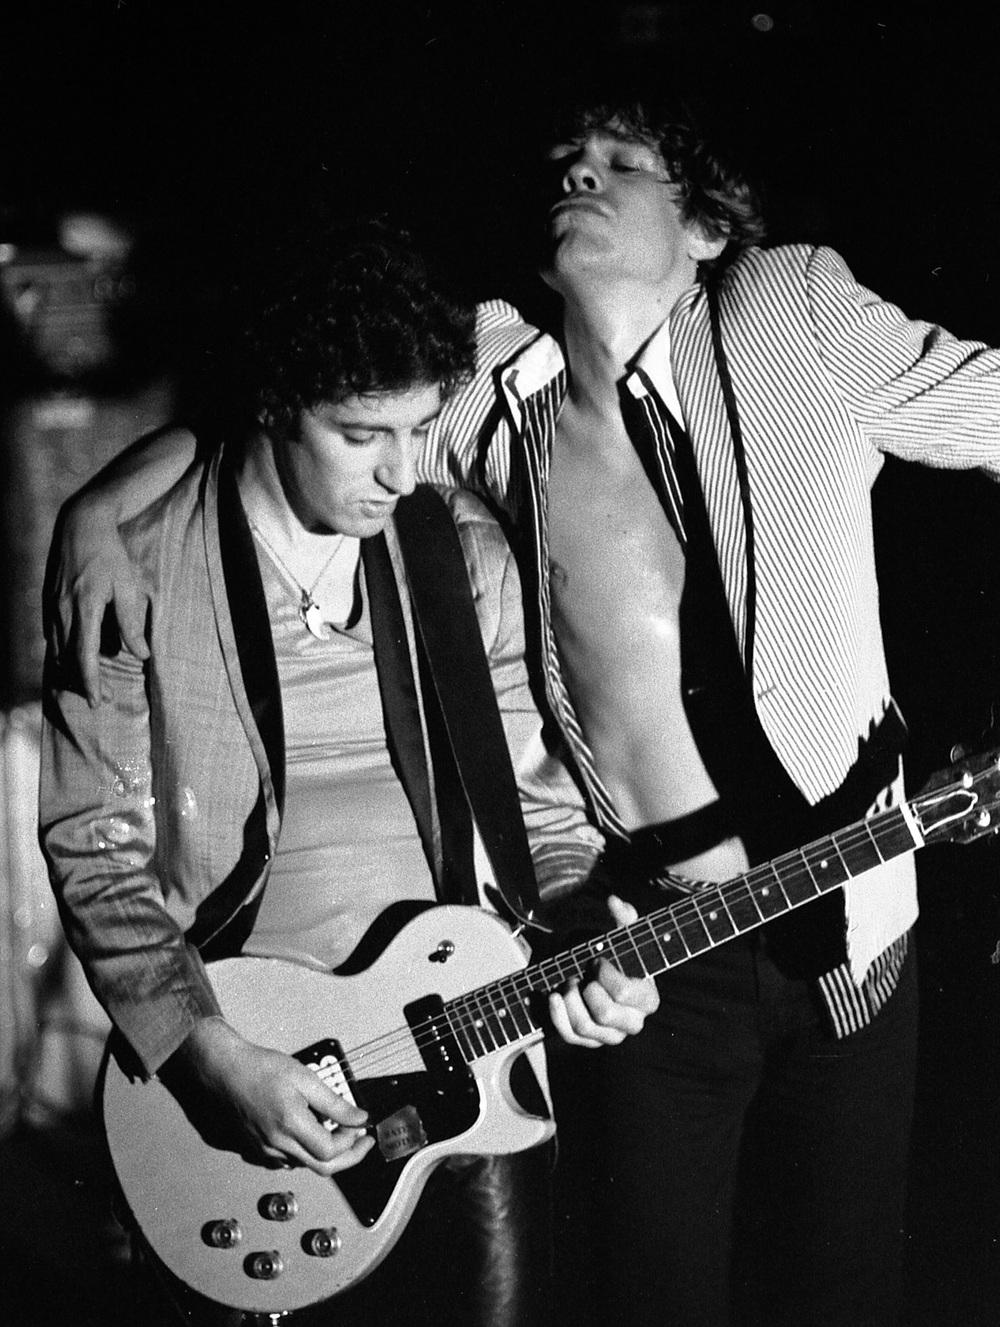 David Johansen, Sylvain Sylvain, Whiskey A Go-Go, Hollywood, Ca. 1978